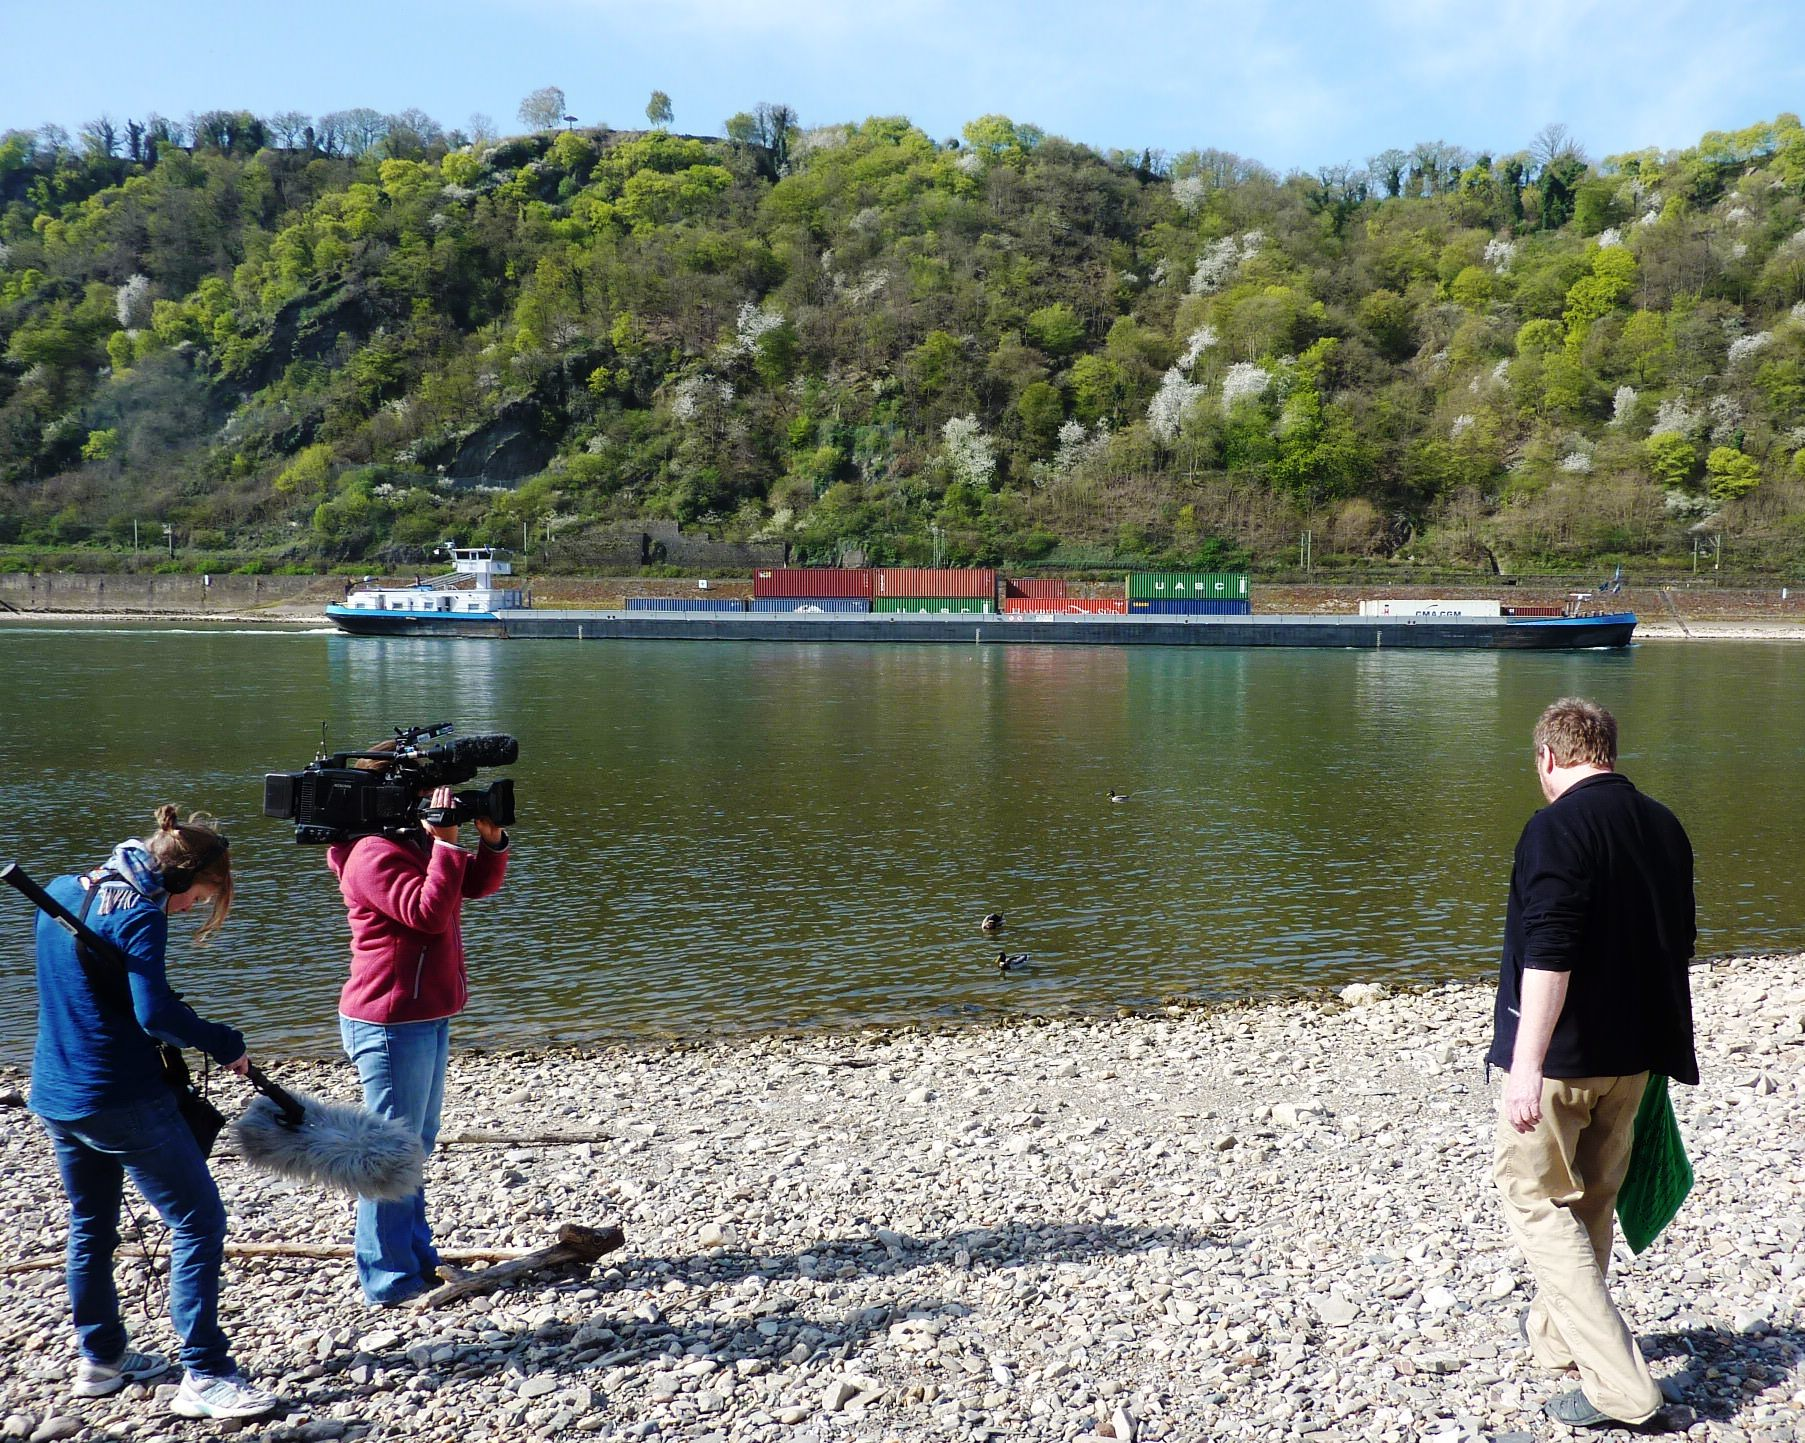 Kamerateam und Künstler am Rheinufer